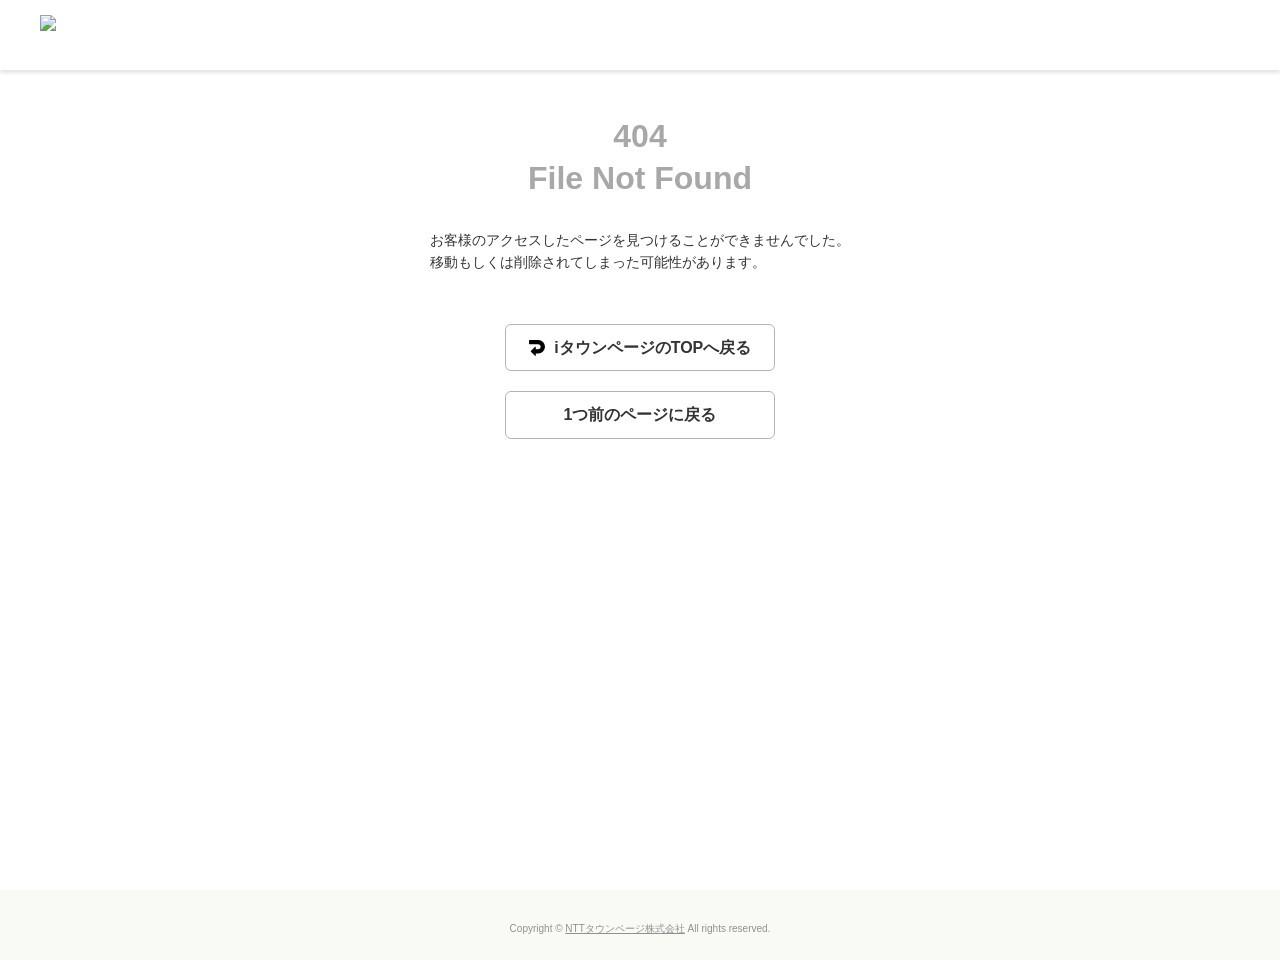 杜のまち かわかみ歯科クリニック (宮城県黒川郡大和町)